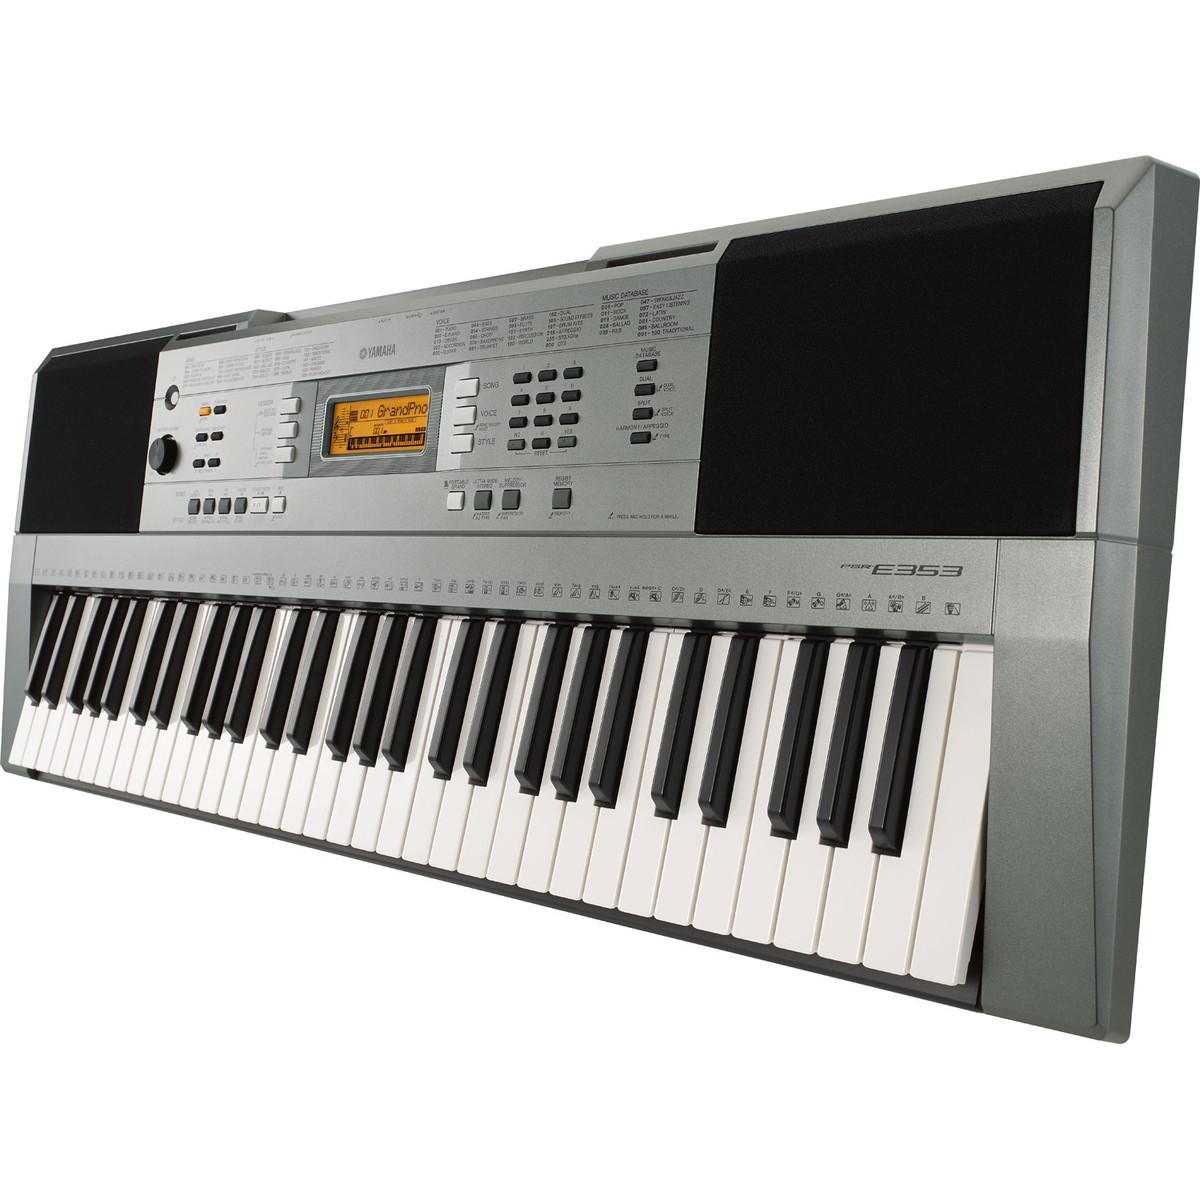 Yamaha psr e353 portable keyboard nearly new at for Cheap yamaha keyboards